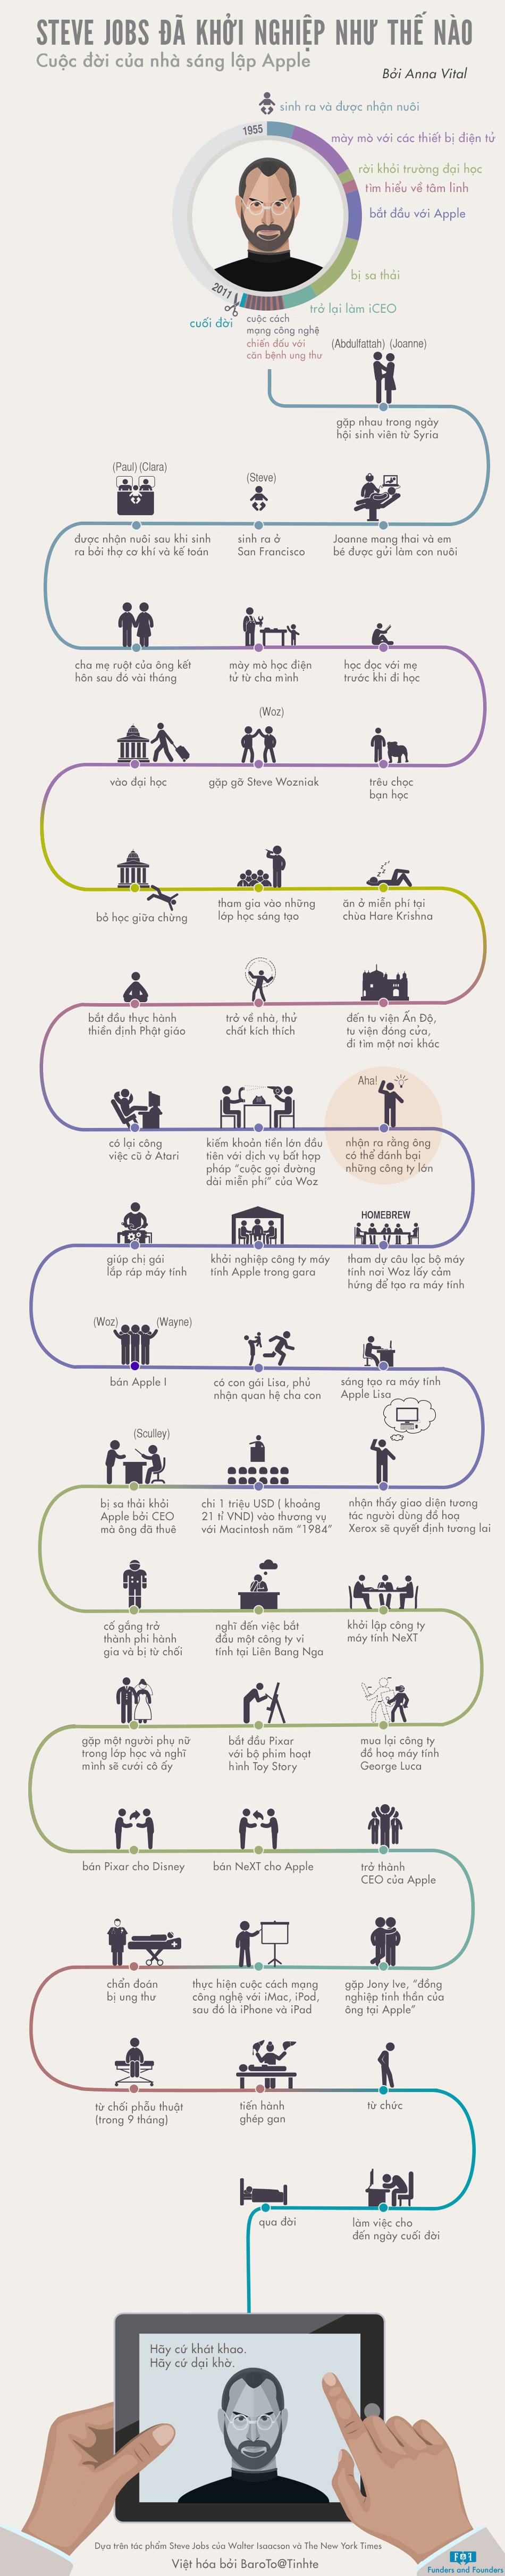 [INFOGRAPHIC] Steve Jobs đã khởi nghiệp như thế nào? - Cuộc đời của nhà sáng lập Apple